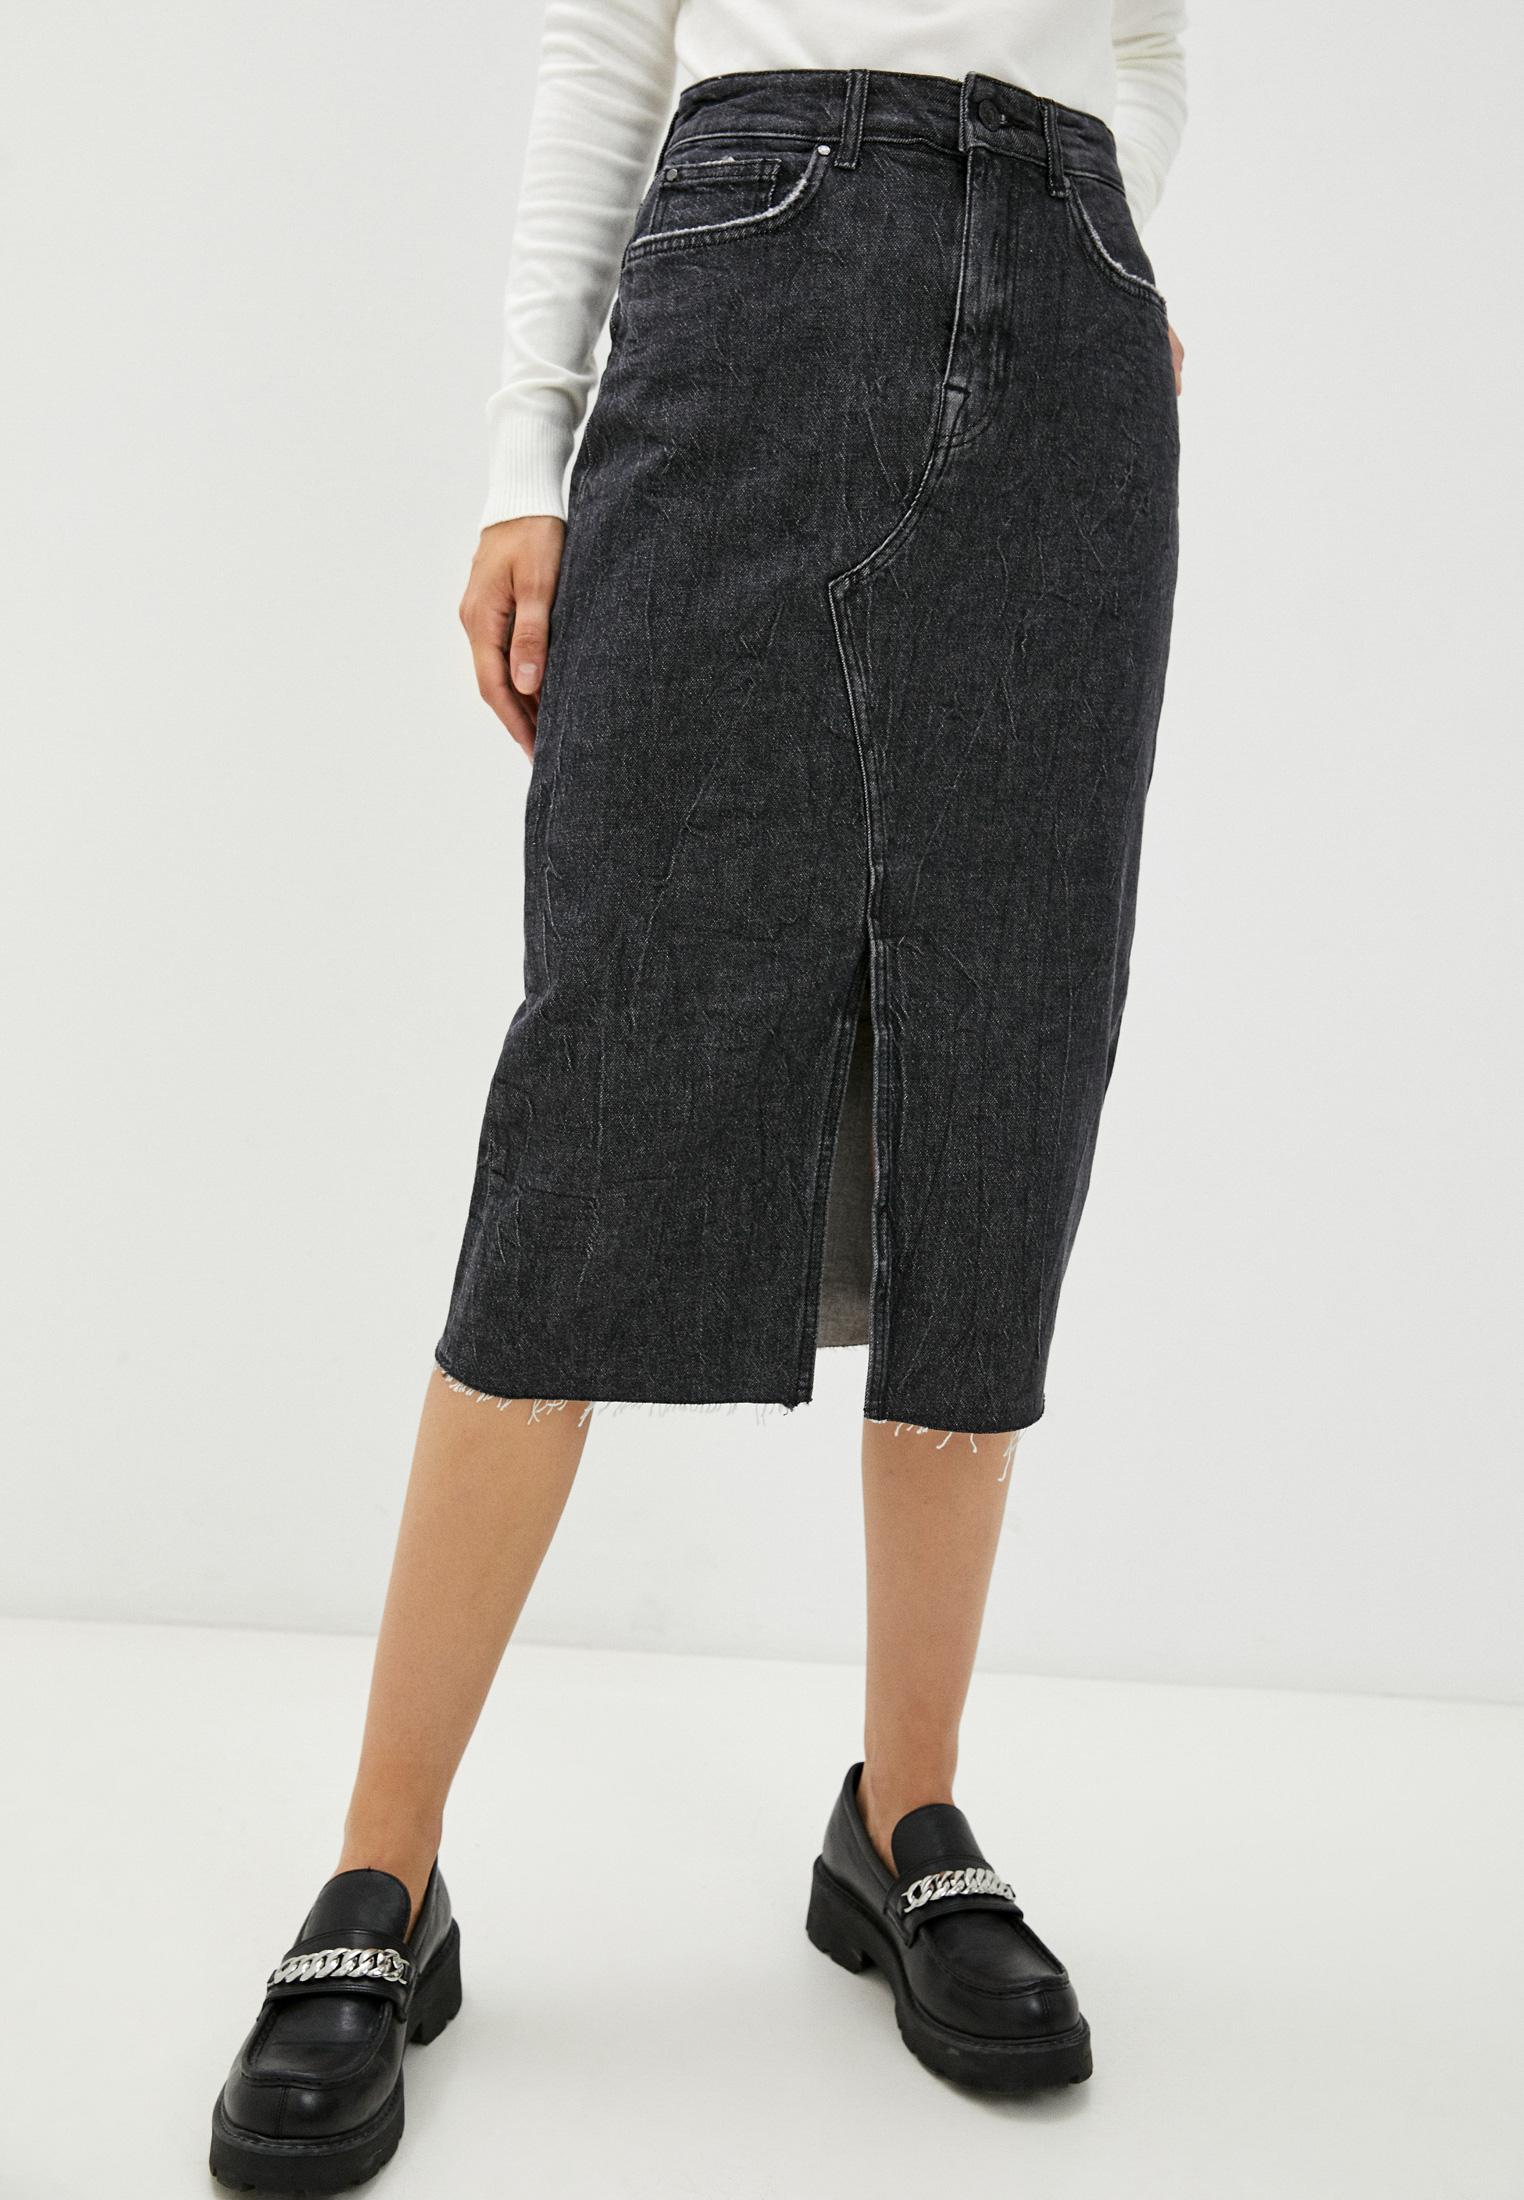 Джинсовая юбка Guess Jeans Юбка джинсовая Guess Jeans